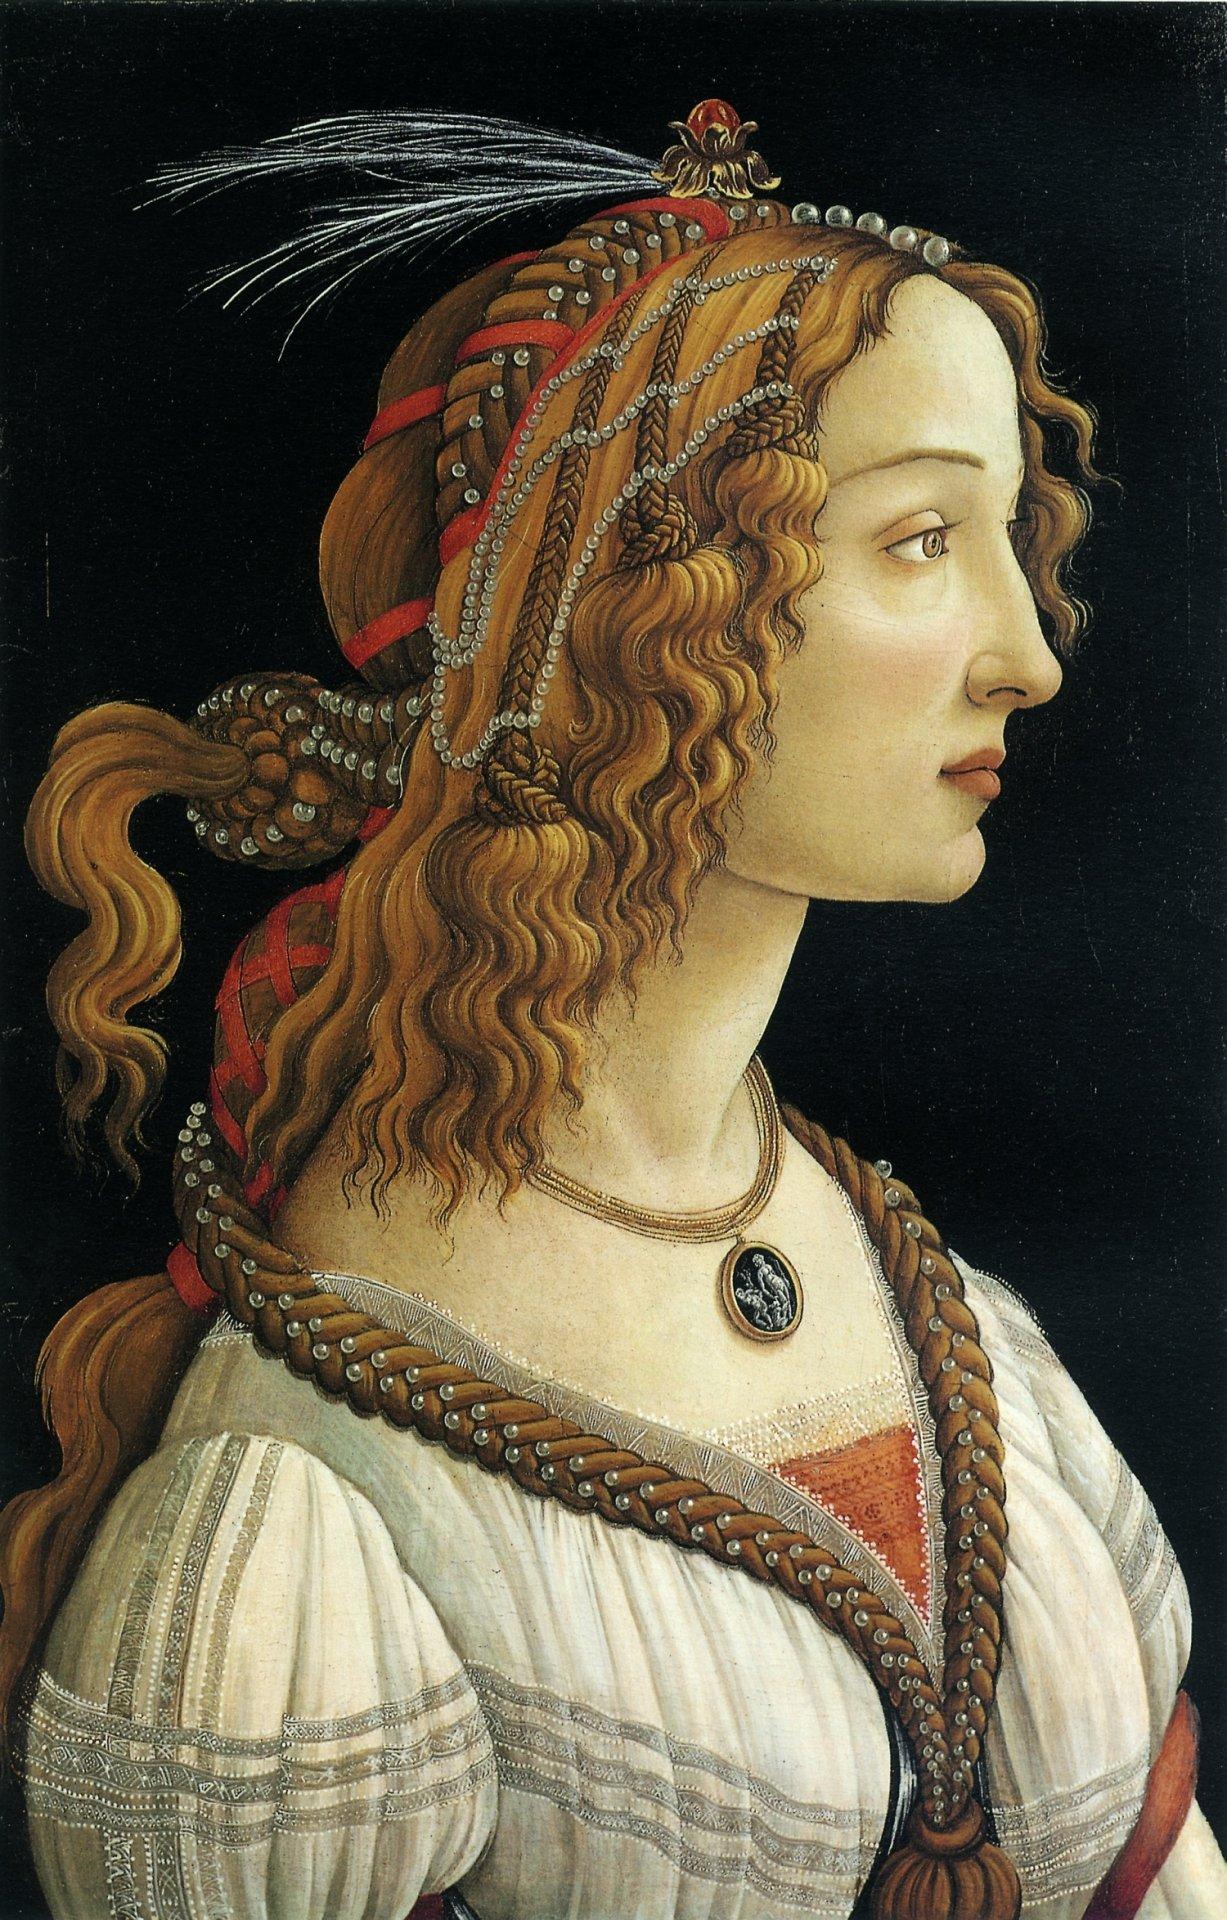 Сандро Боттичелли - Портрет молодой женщины, 1480—1485